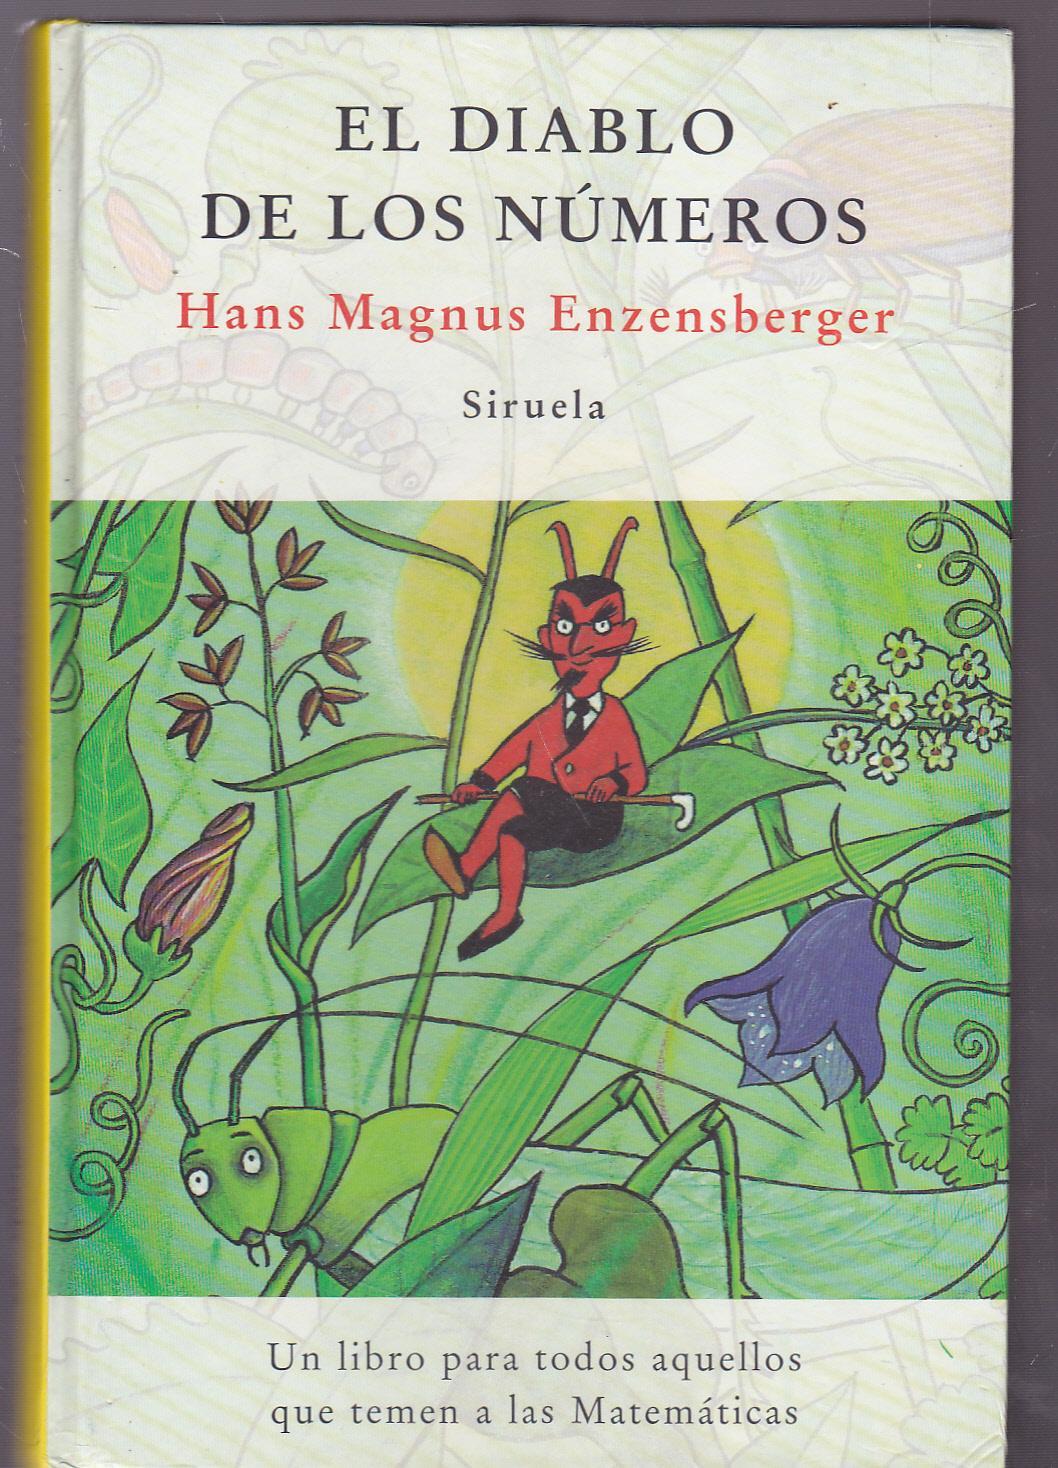 EL DIABLO DE LOS NUMEROS Un libro para todos aquellos que temen las  Matemáticas 5ªEDICION Multitud